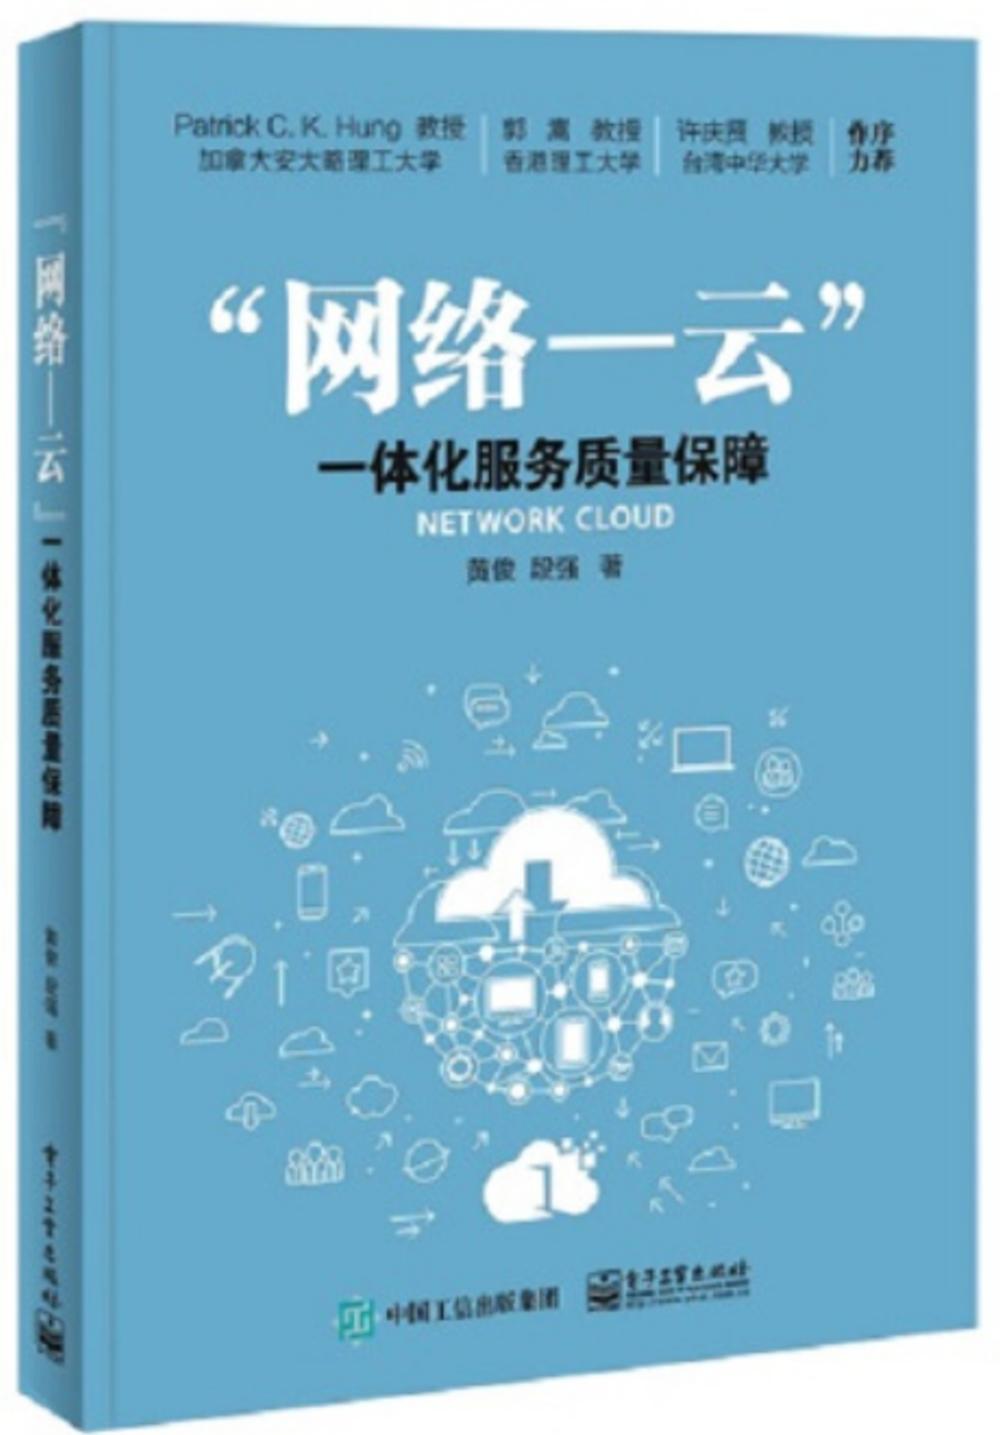 「網絡--雲」一體化服務質量保障